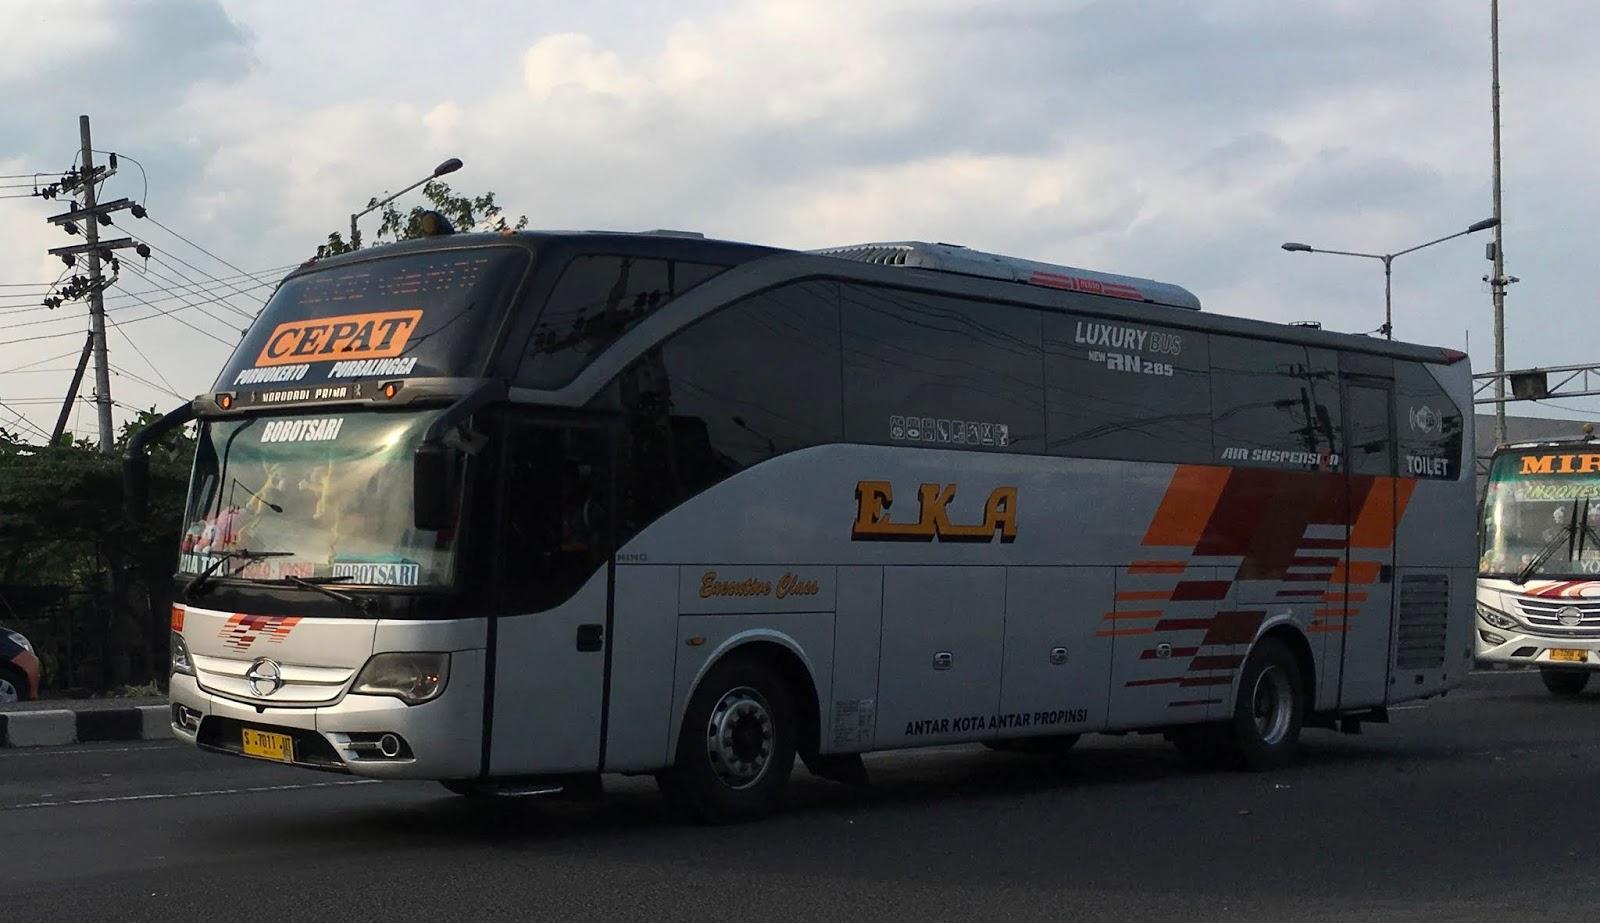 Jadwal Dan Tarif Bus Eka Cepat Terbaru Catatan Harian Qc